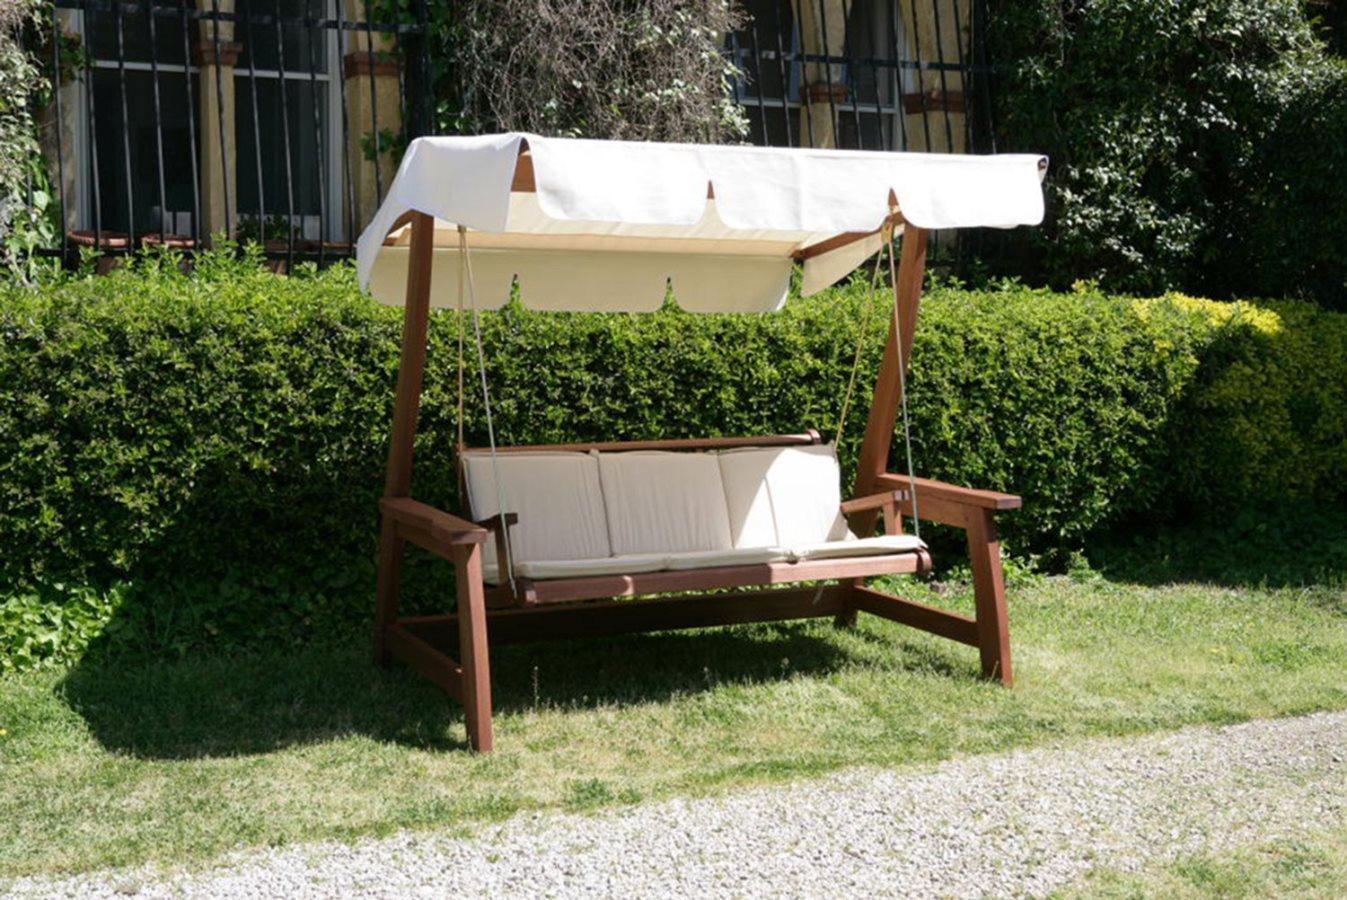 Dondolo da giardino 3 posti in legno meranti deluxe for Dondolo per giardino